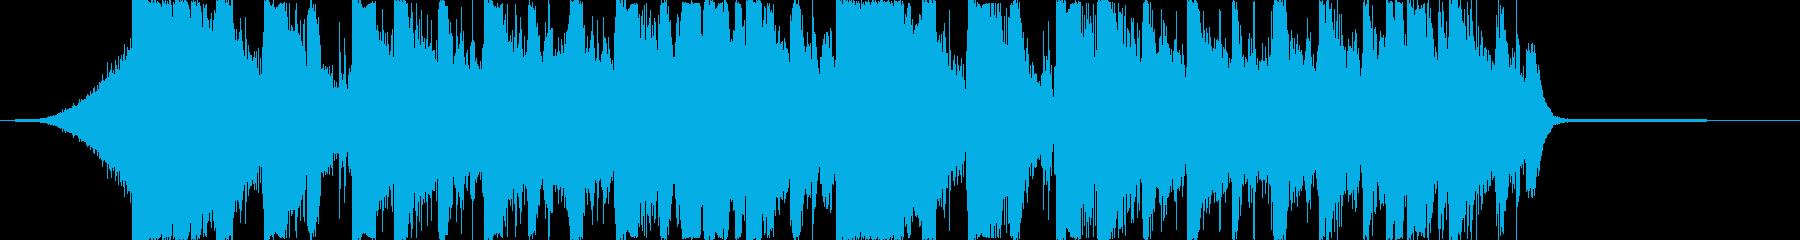 オシャレなピアノ入りTRAPジングルの再生済みの波形